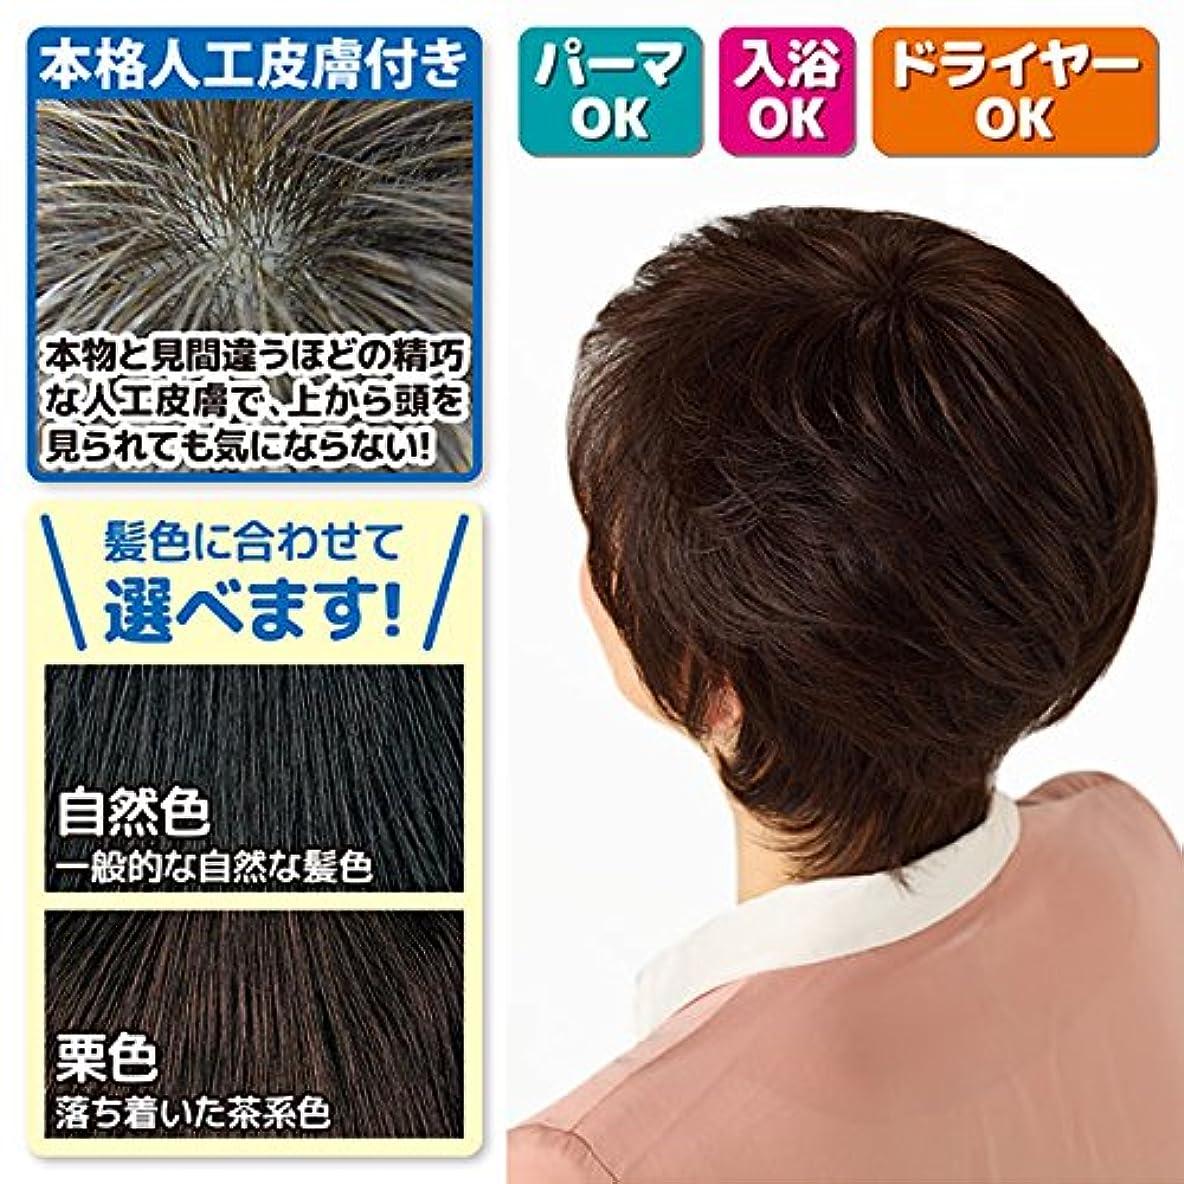 ジャズリスクうつ本格人工皮膚付き つむじ用?部分かつら (人毛100%) カラー:栗色